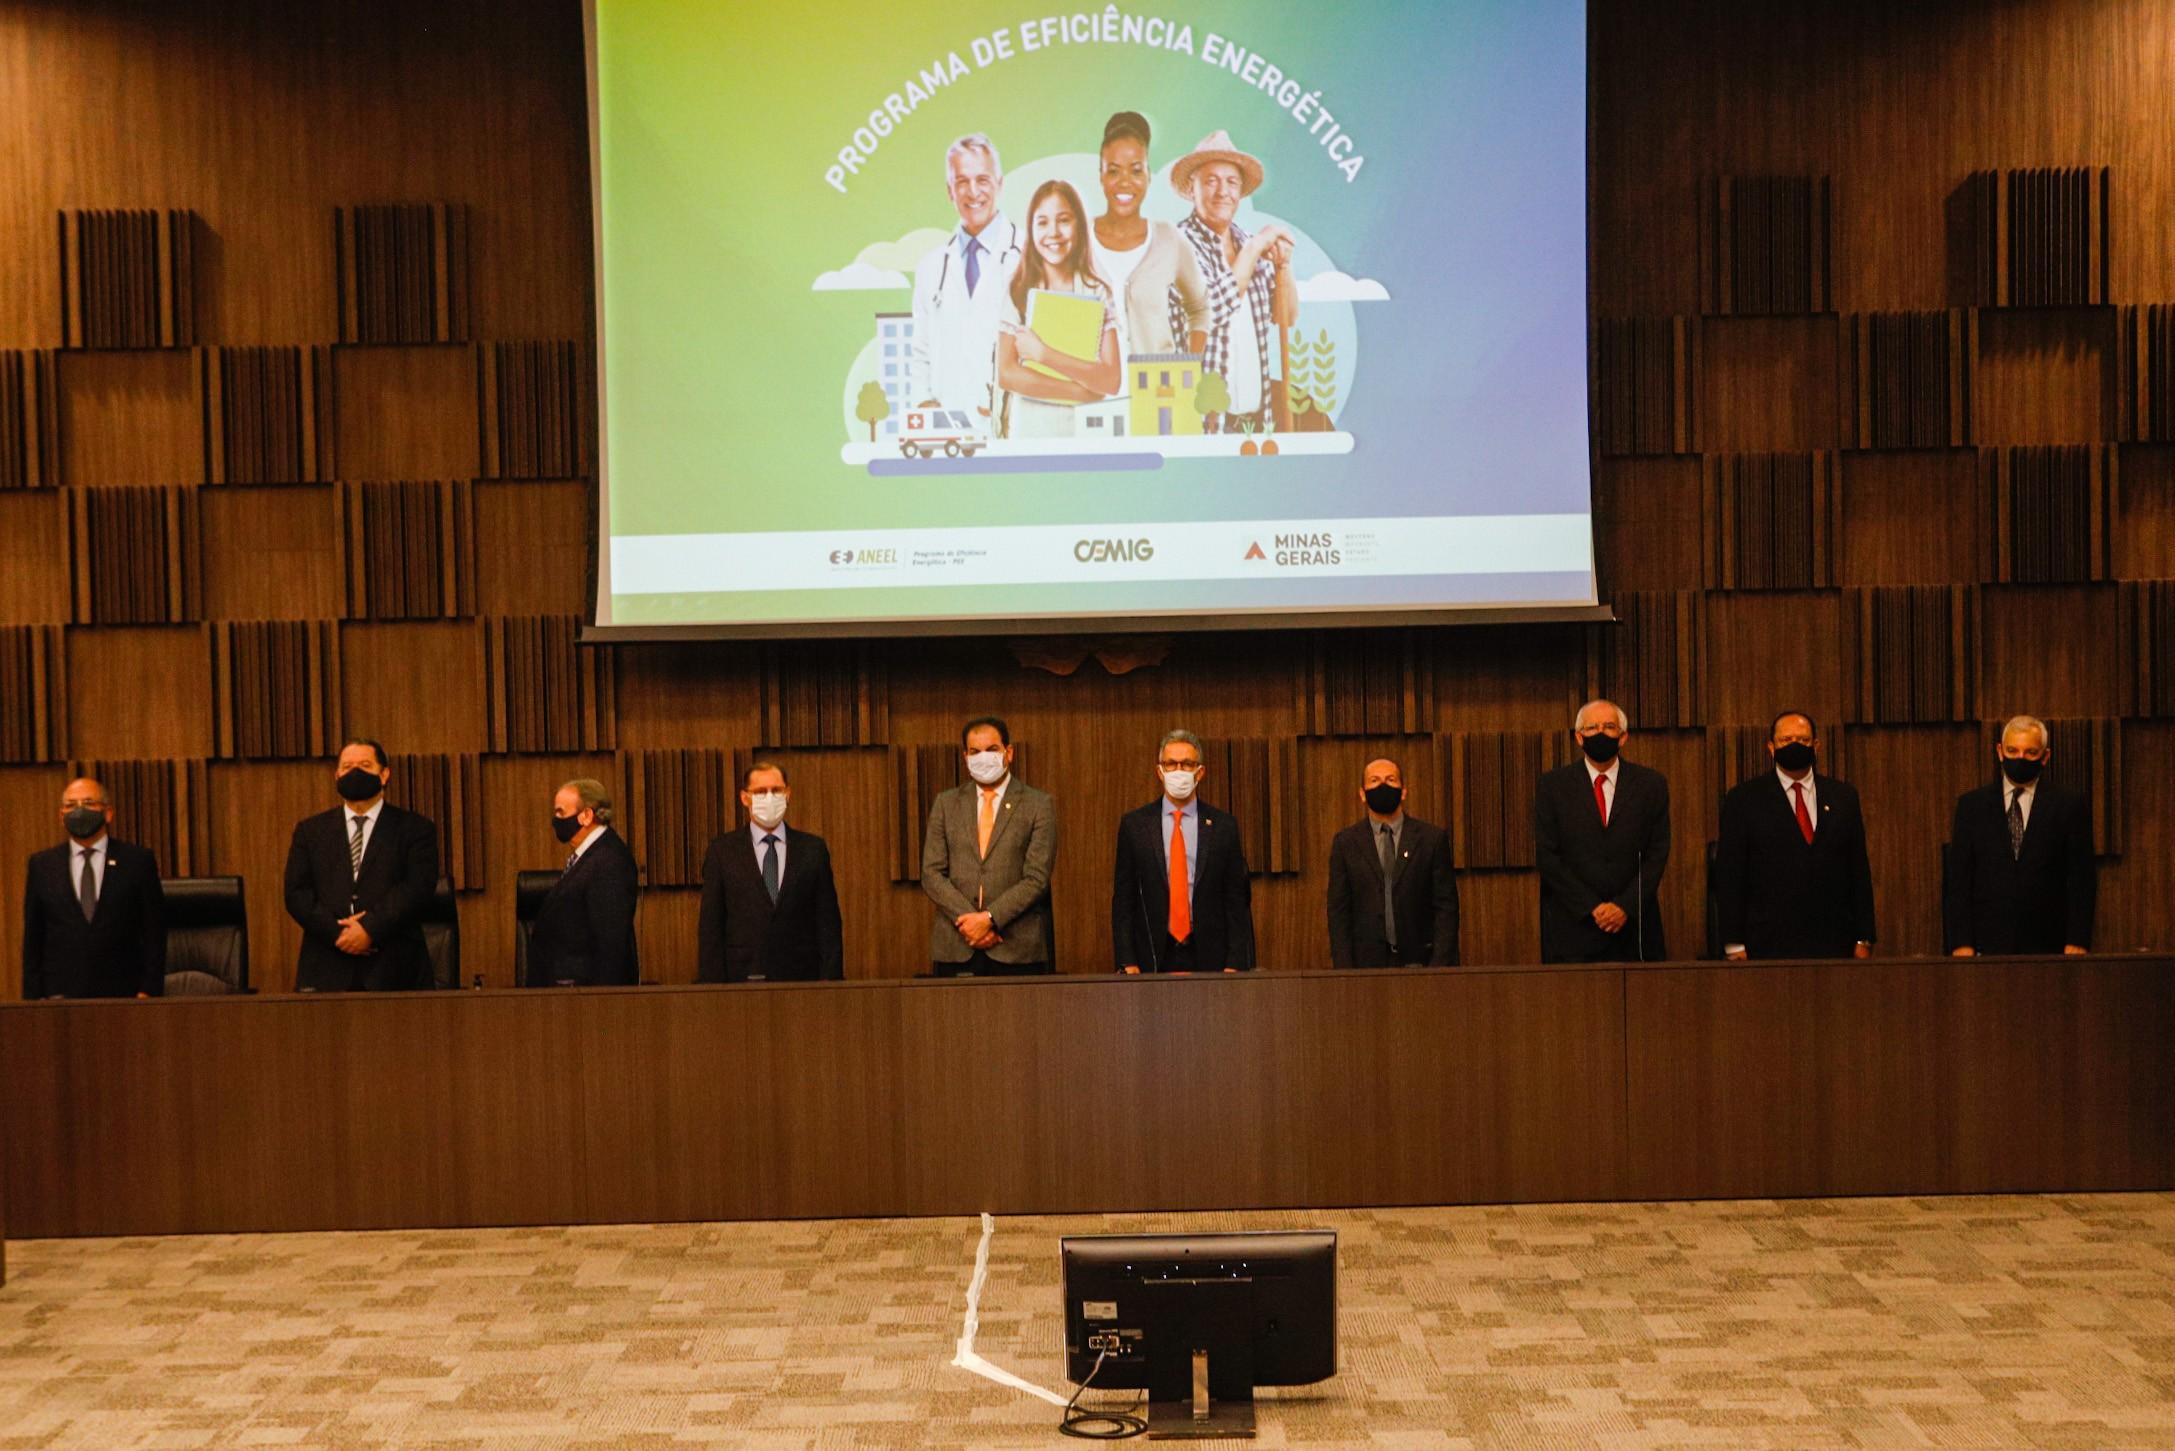 Zema participa de cerimônia de inauguração da usina fotovoltaica da Apac de São João del Rei